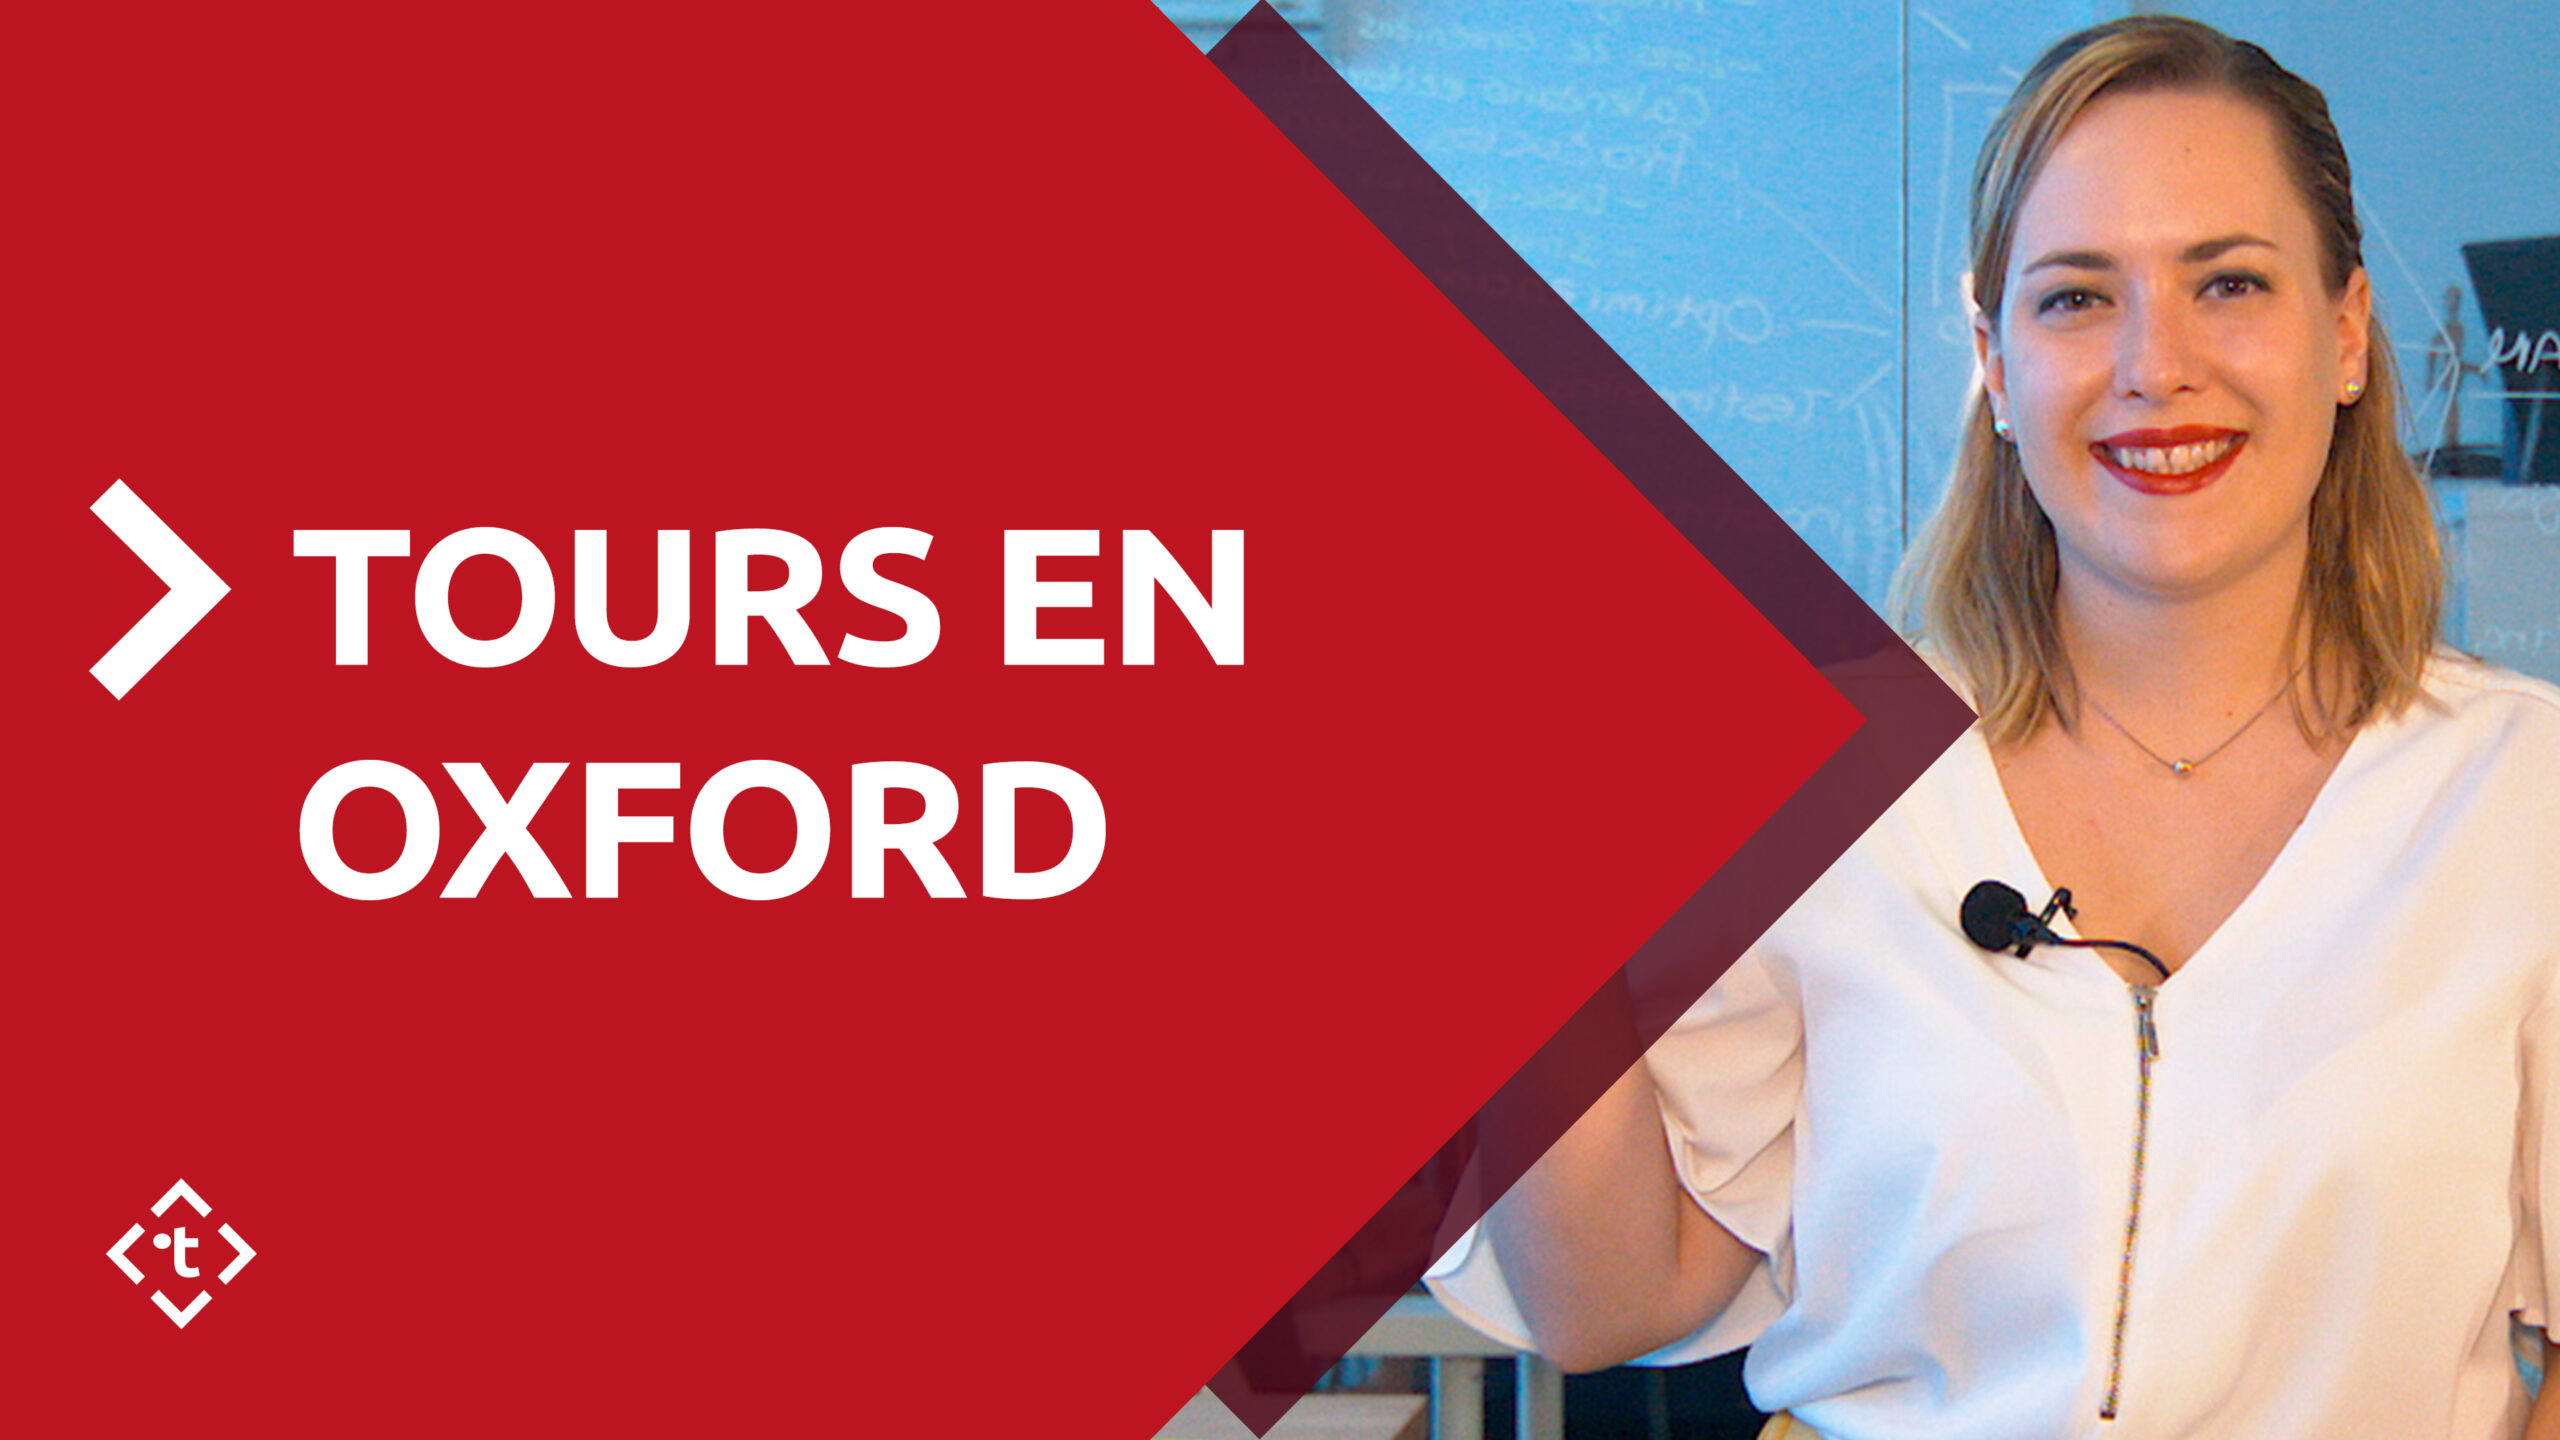 TOURS EN OXFORD